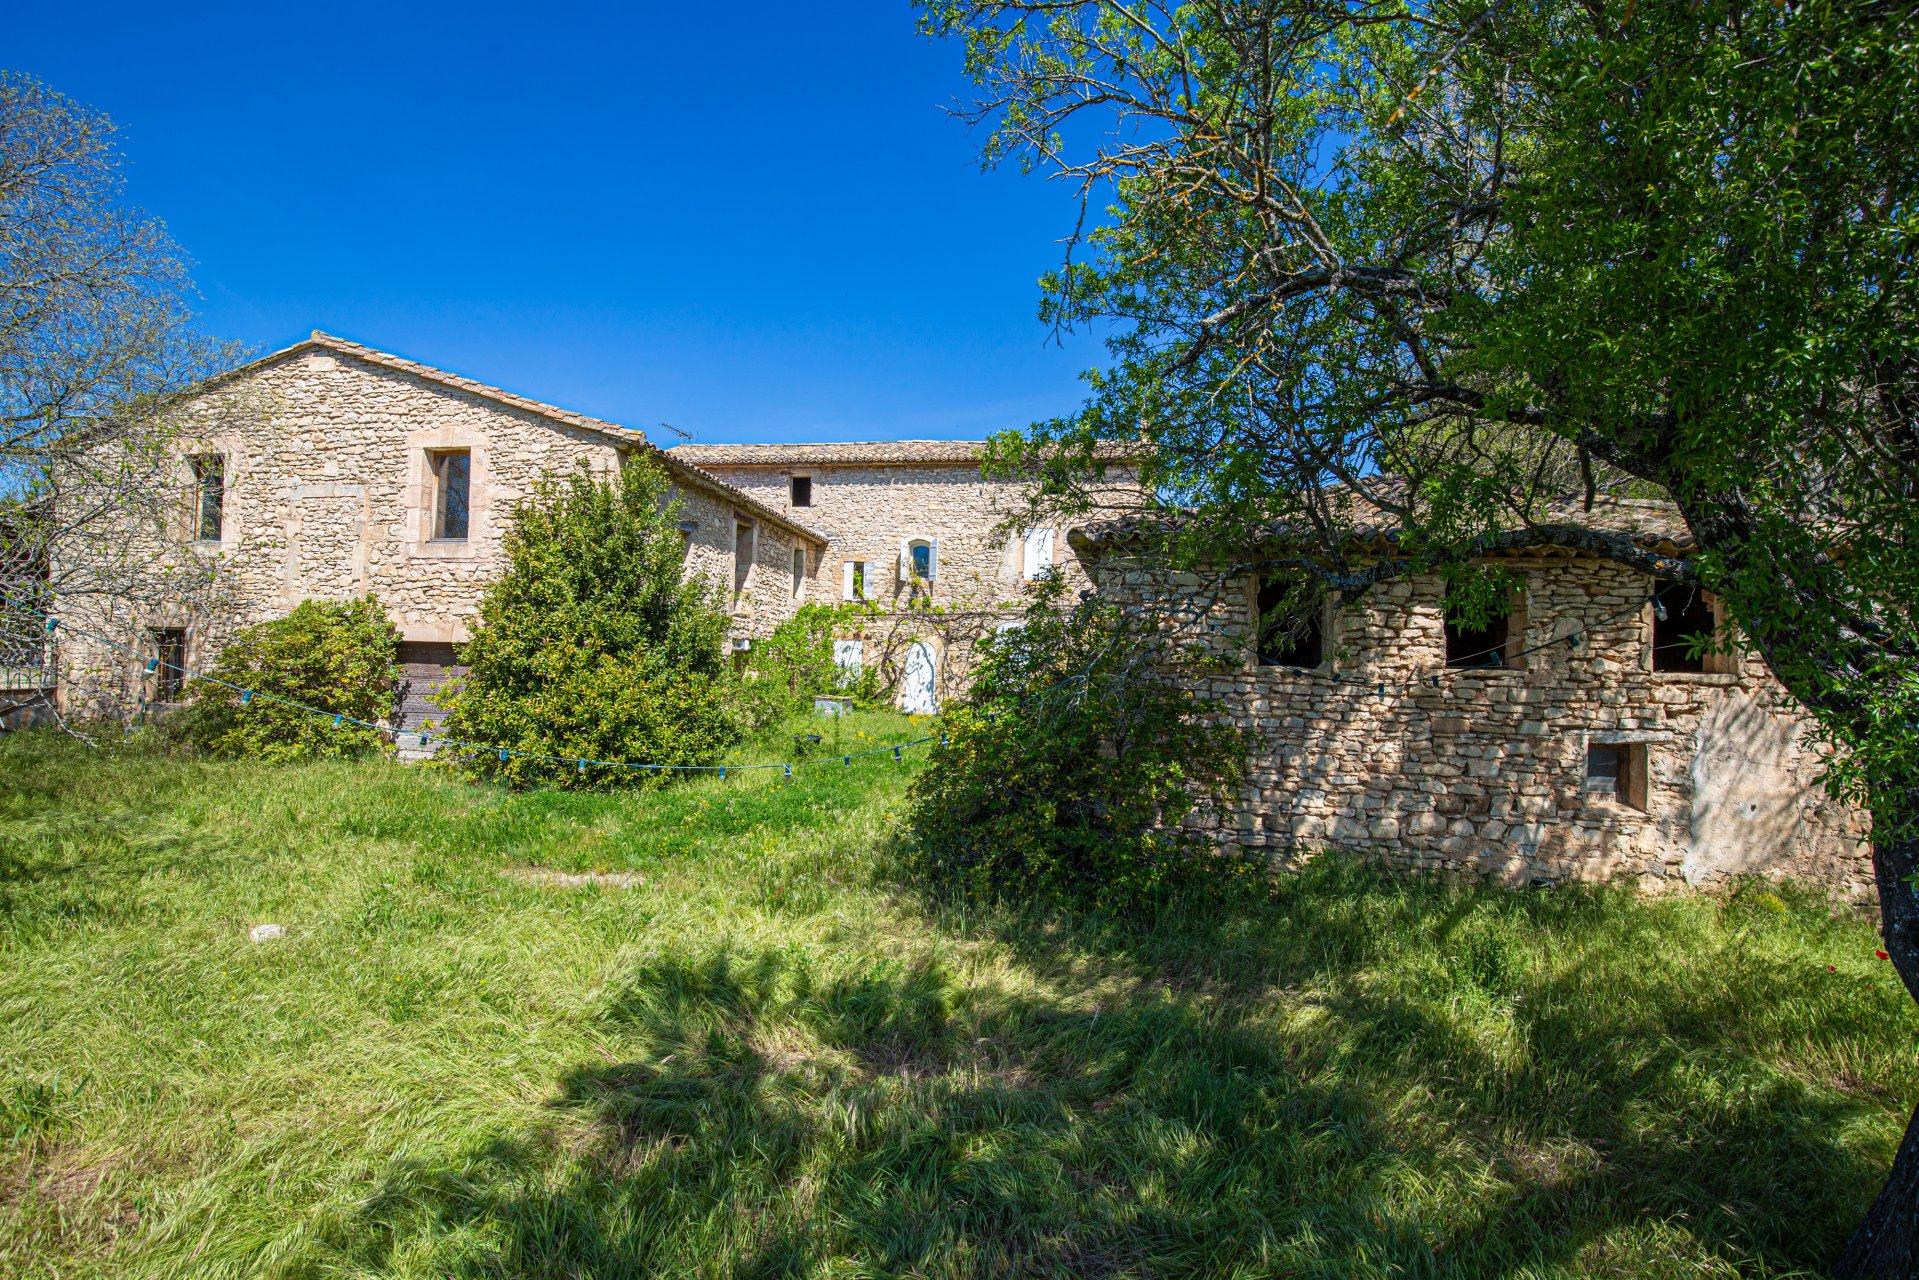 Villas for Sale - PL0056